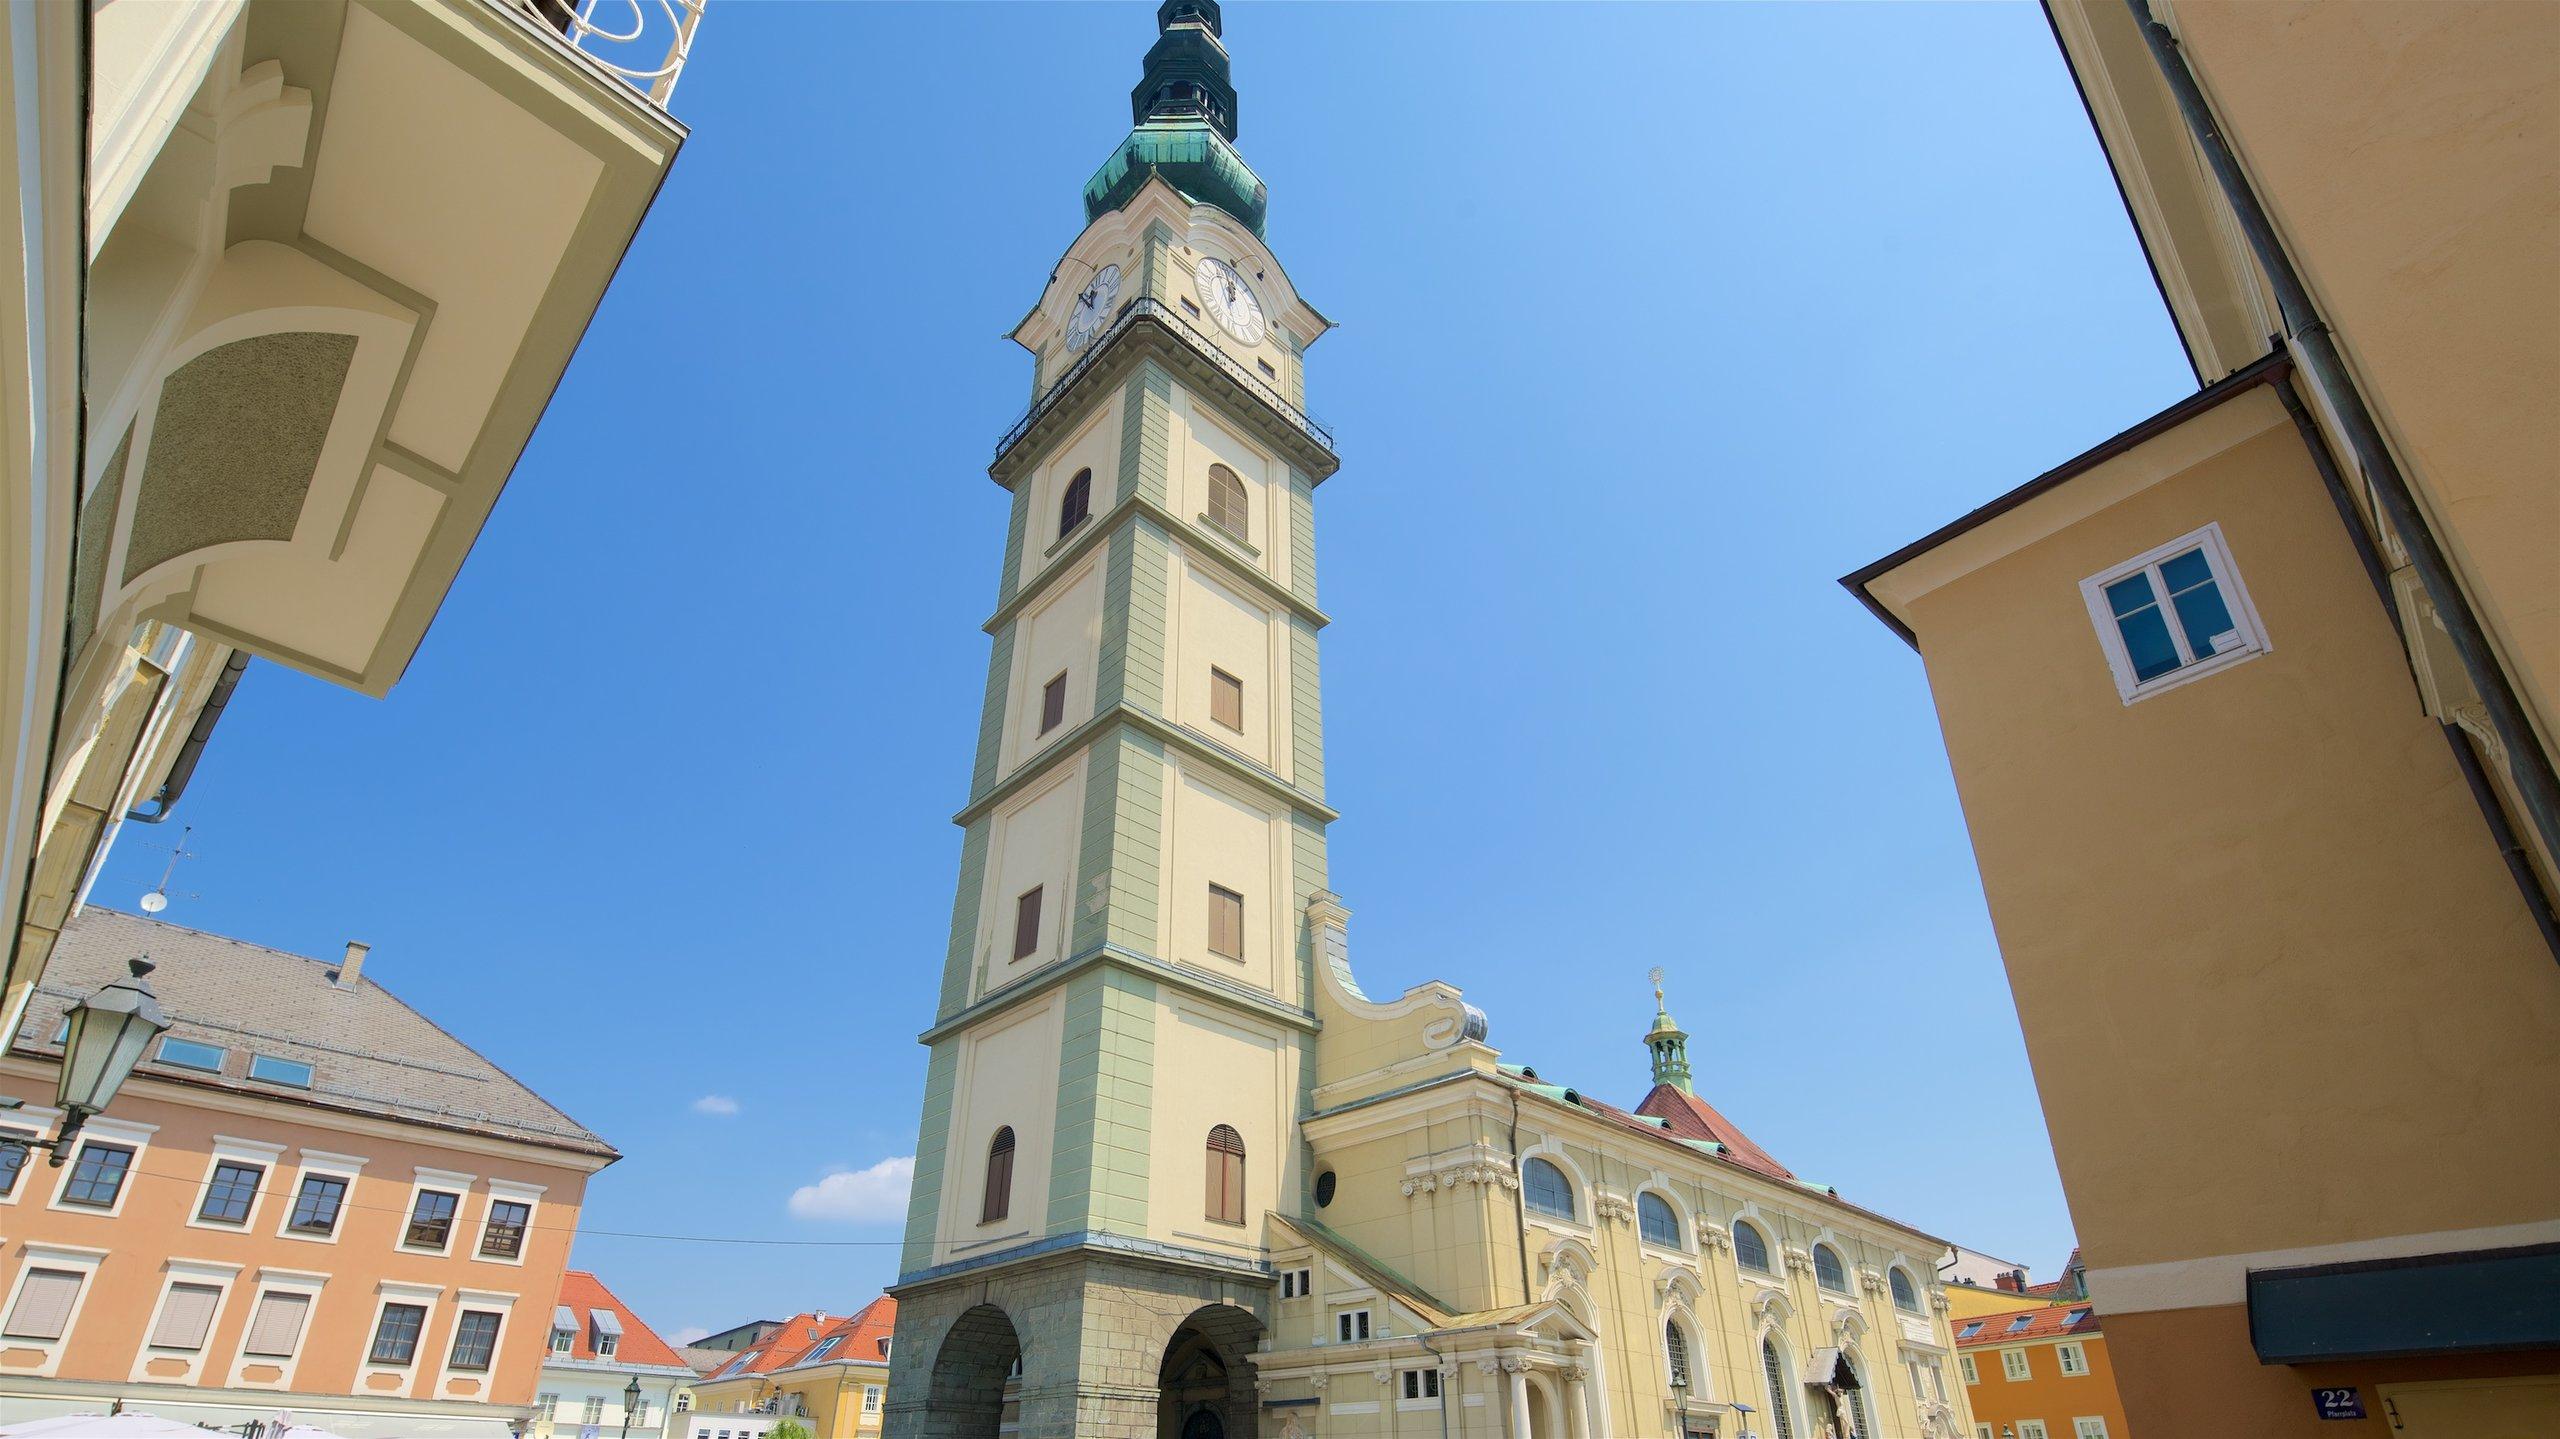 Klagenfurter Dom, Klagenfurt am Wörthersee, Kärnten, Österreich